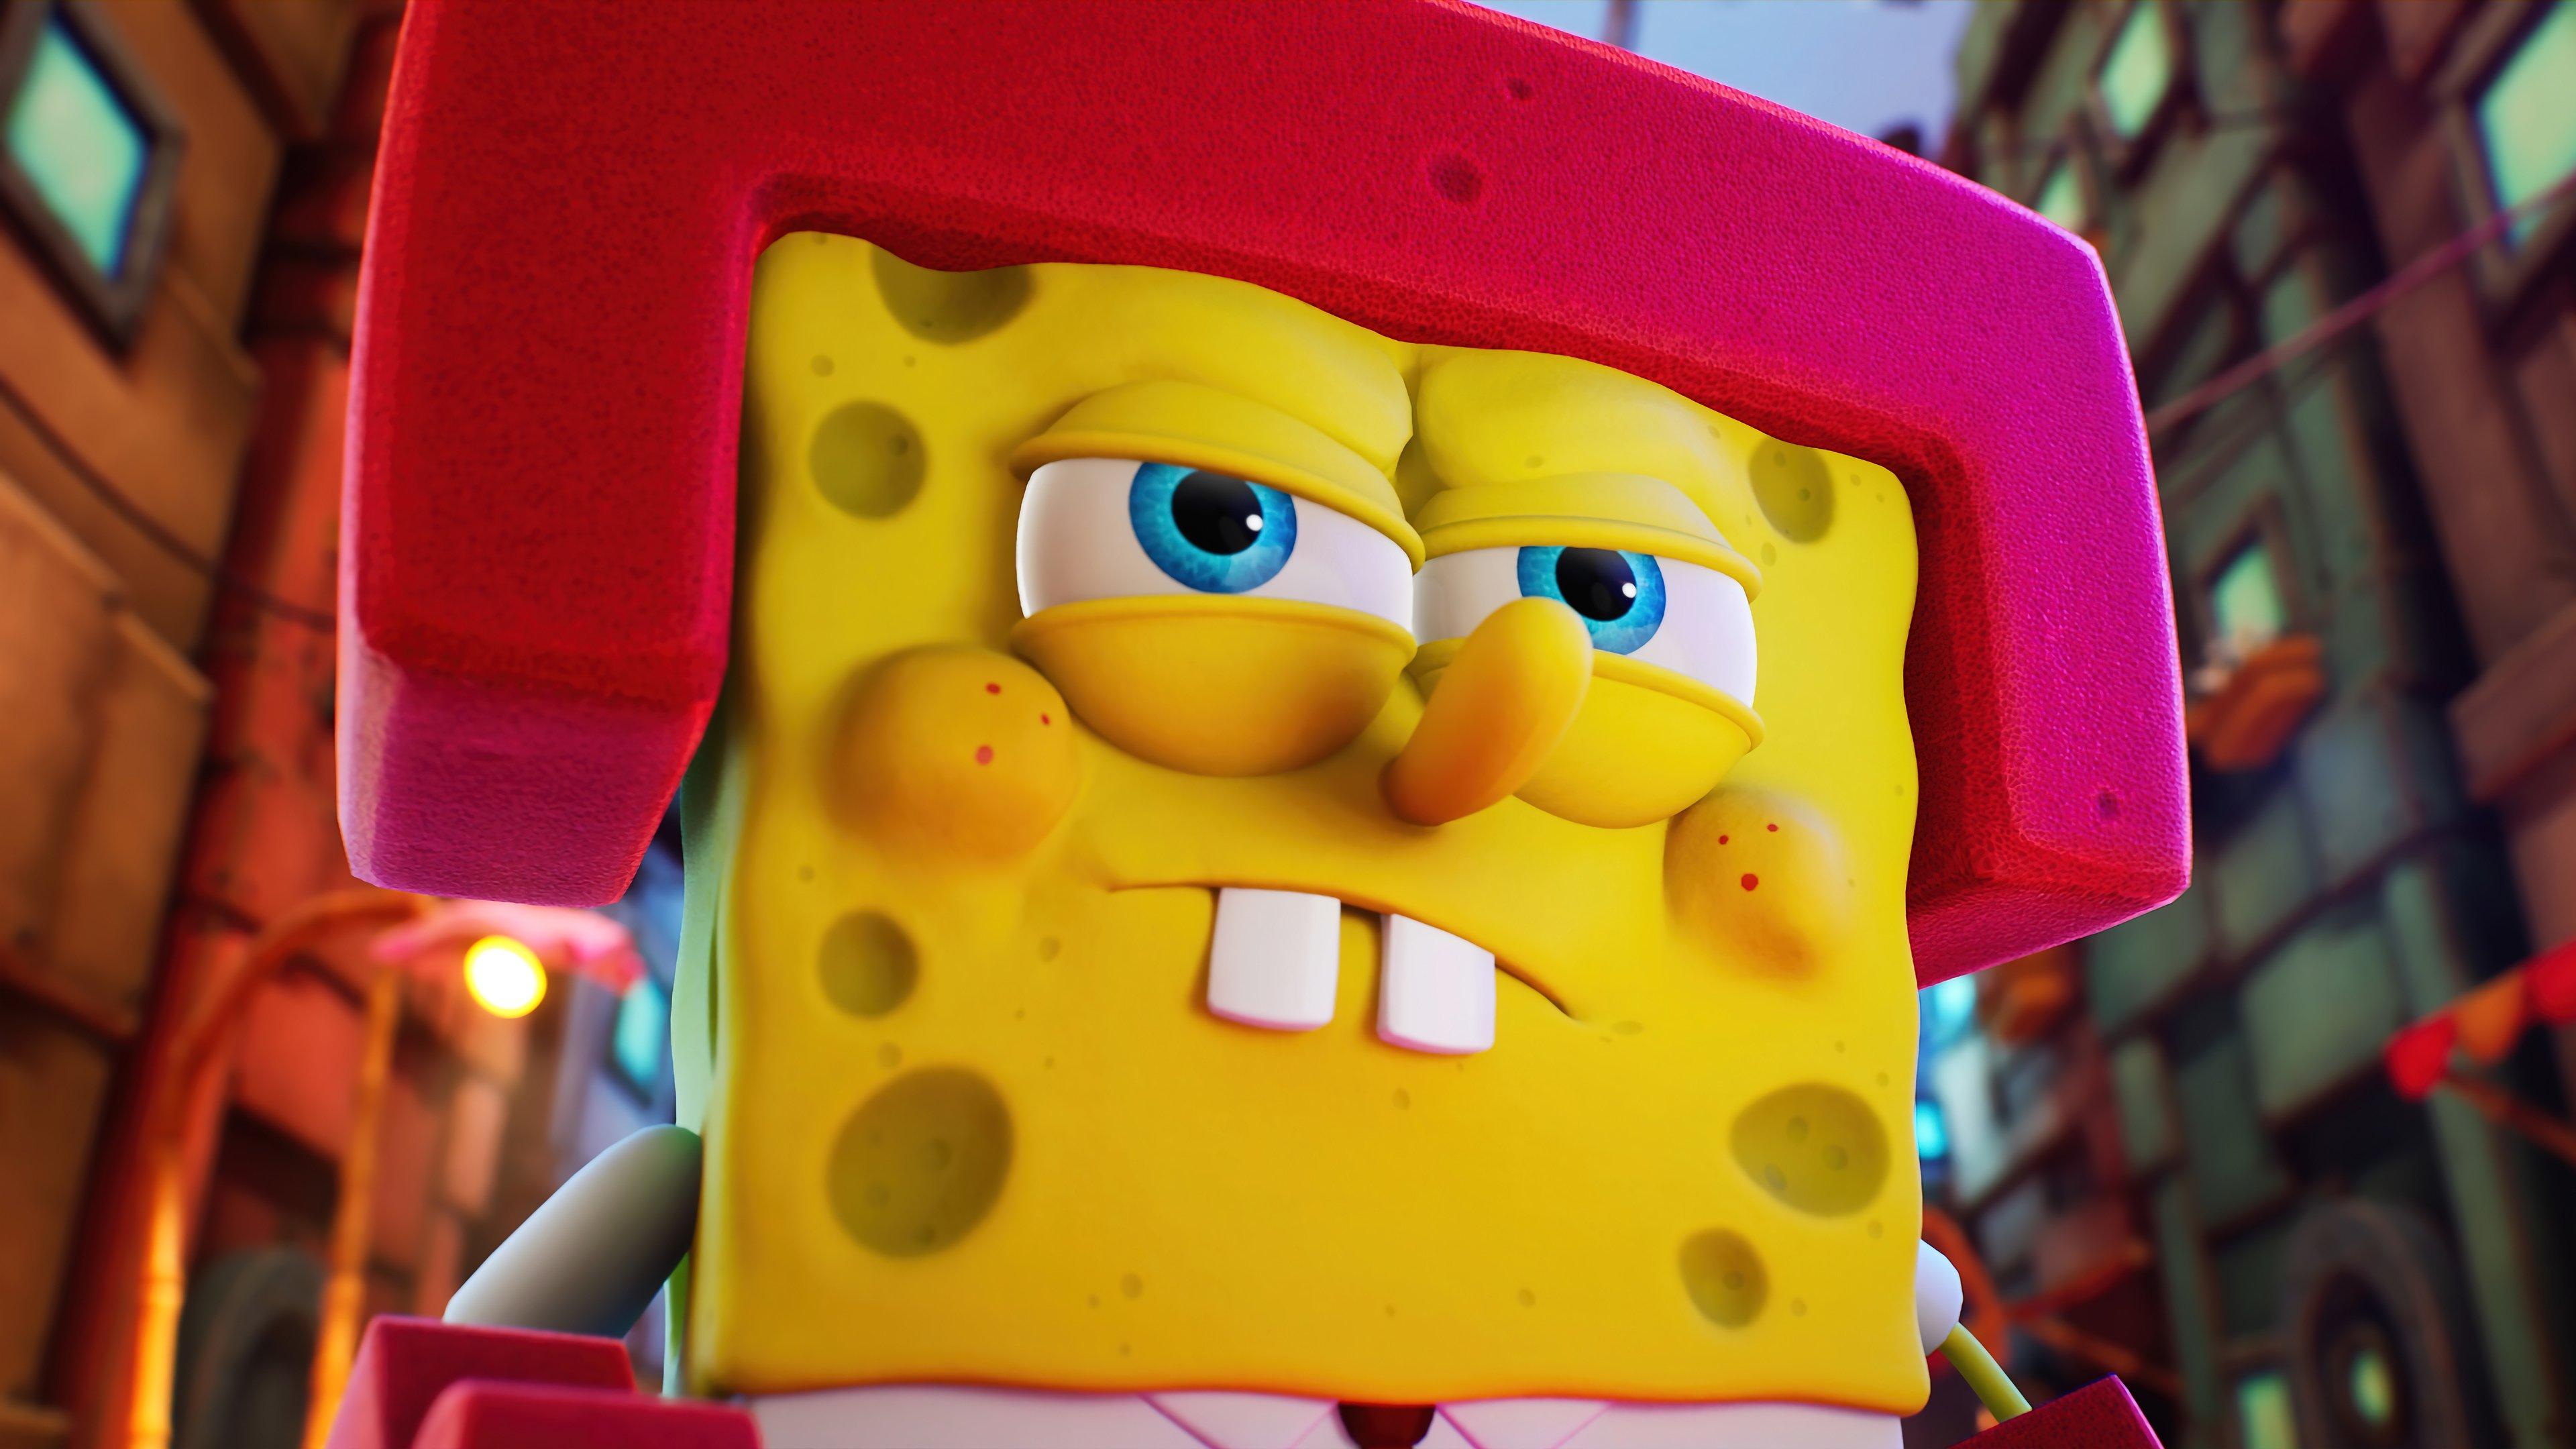 Fondos de pantalla Spongebob Squarepants en El batido cósmico